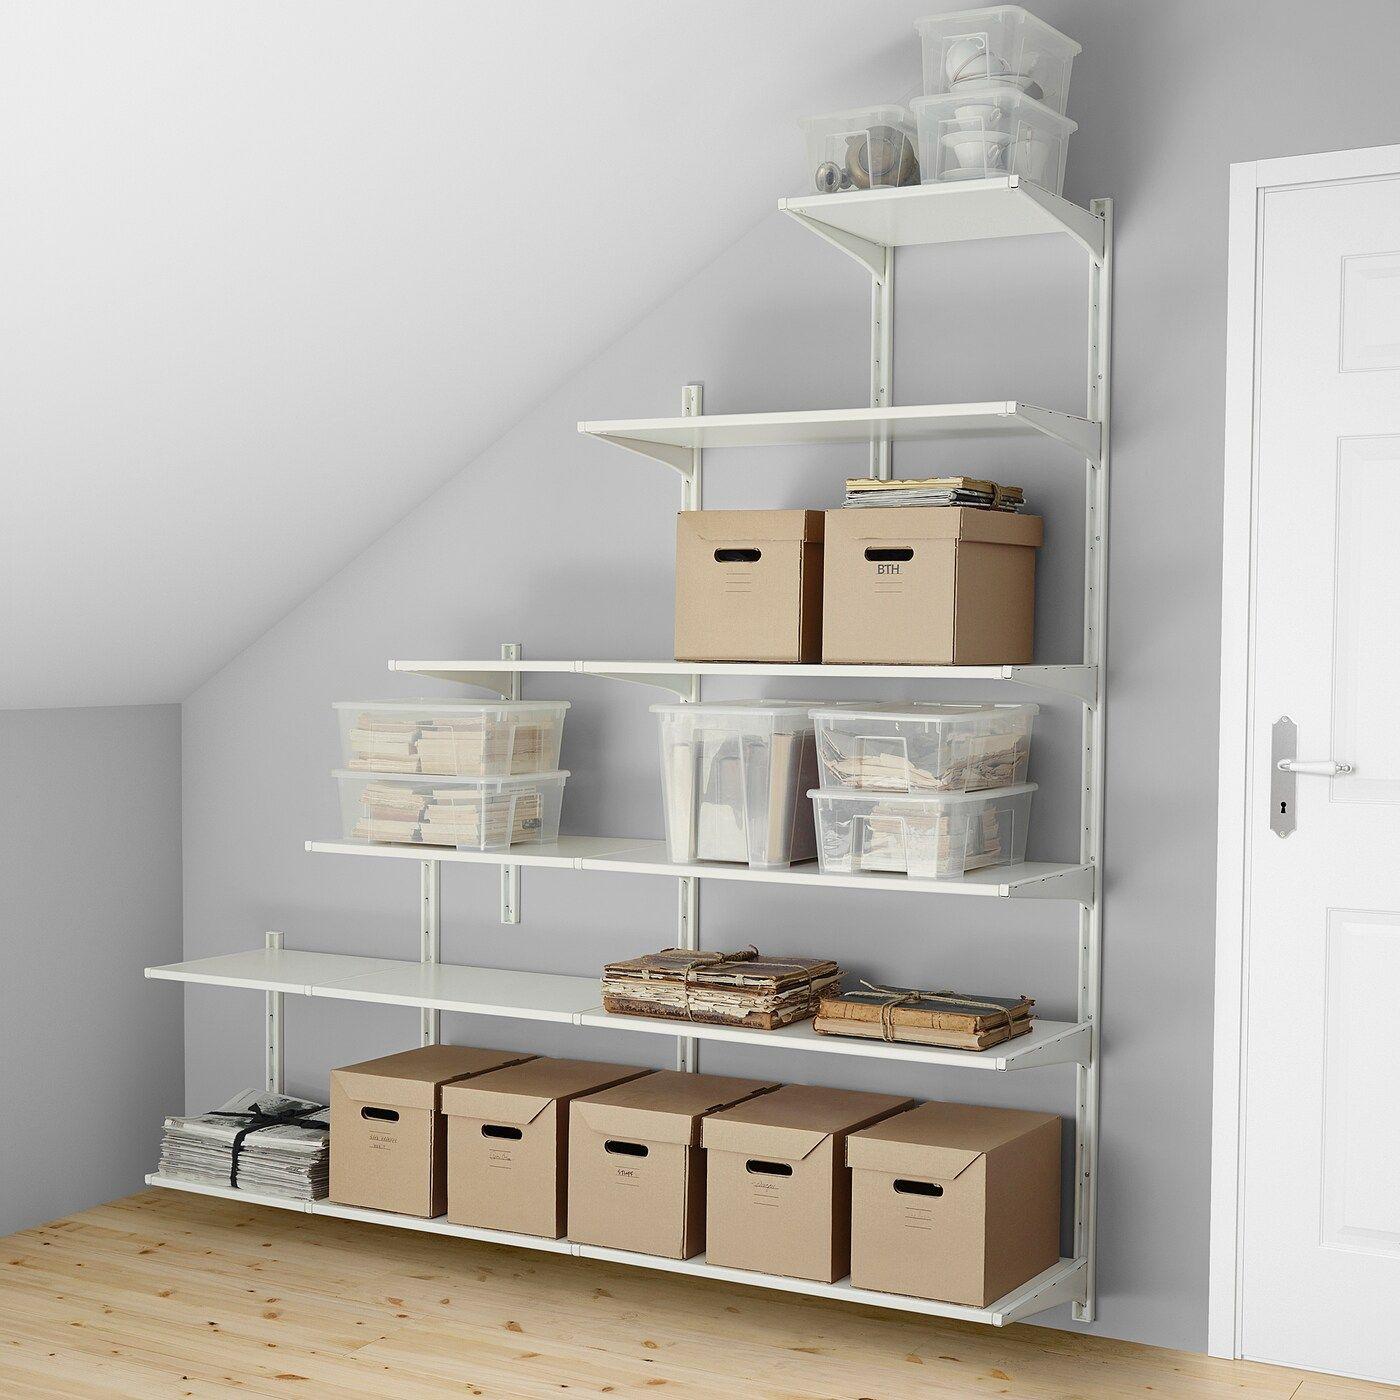 Algot Wandschiene Boden Weiss In 2020 Ikea Algot Wandschiene Und